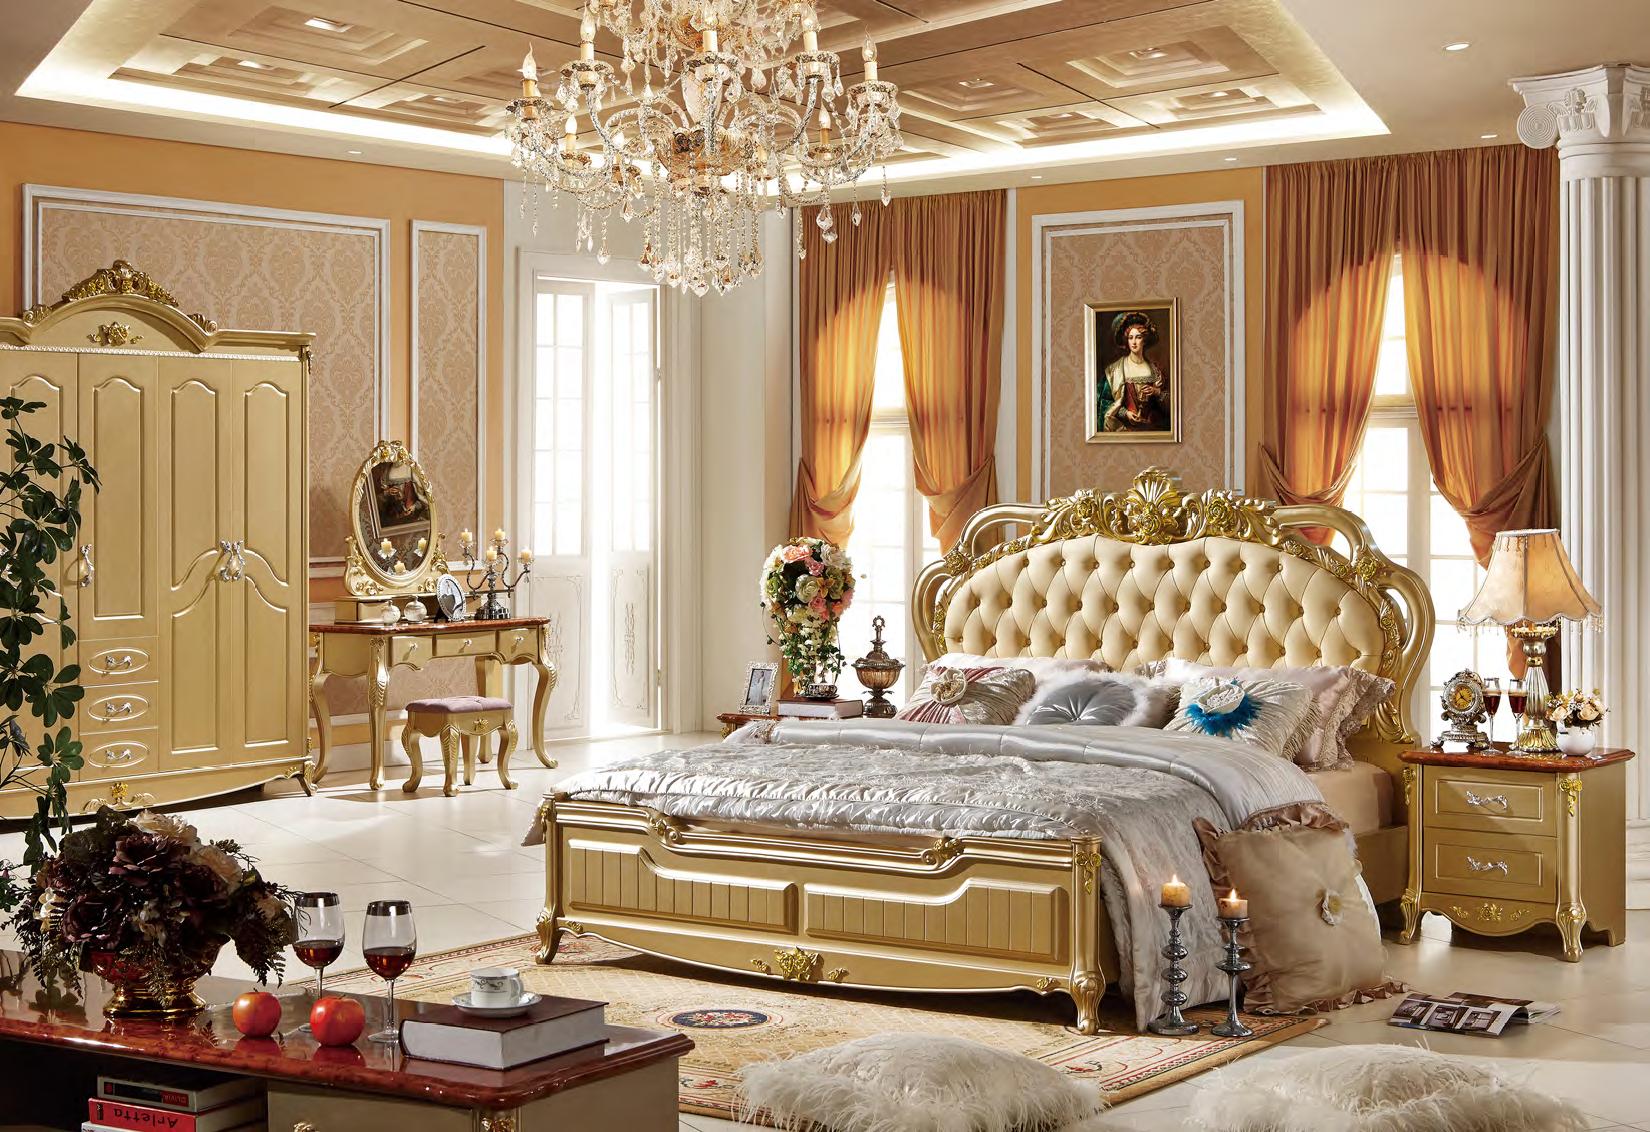 Camere Da Letto Stile Francese : Stile francese in legno massello letto camera da letto mobili d